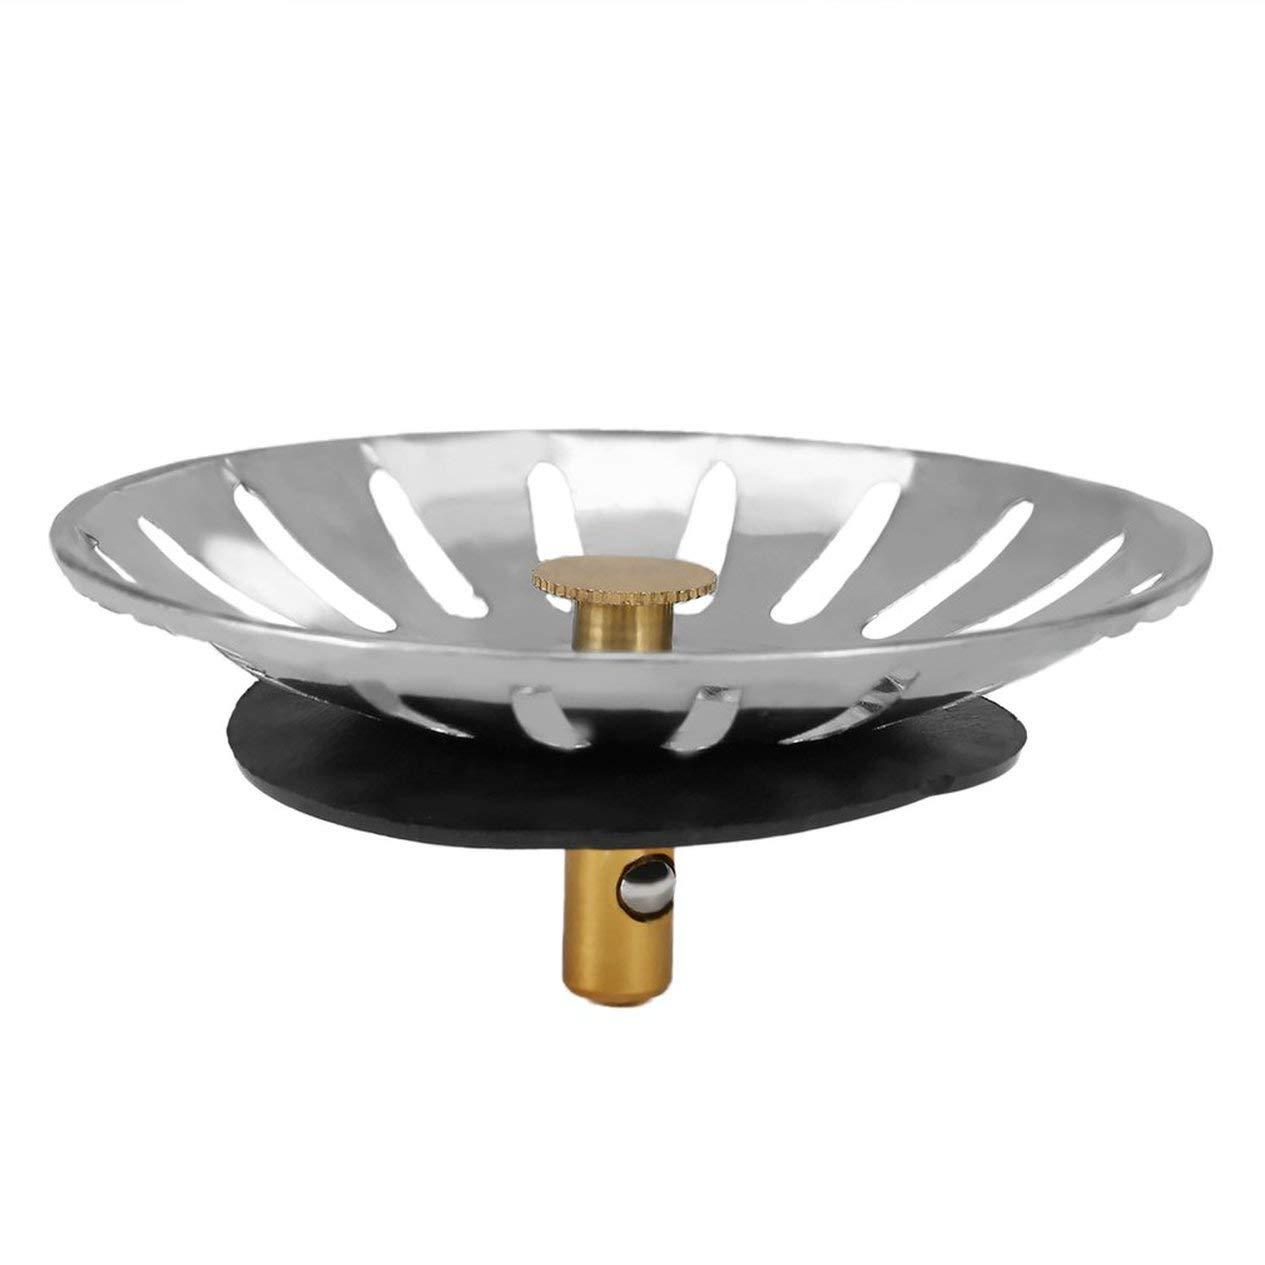 EdBerk74 Eviers de cuisine universels Bouchons Couvercle d/évier en acier inoxydable Vaisselle /Égouttoir Bouchon de vidange Panier de remplacement pour filtre de m/énage